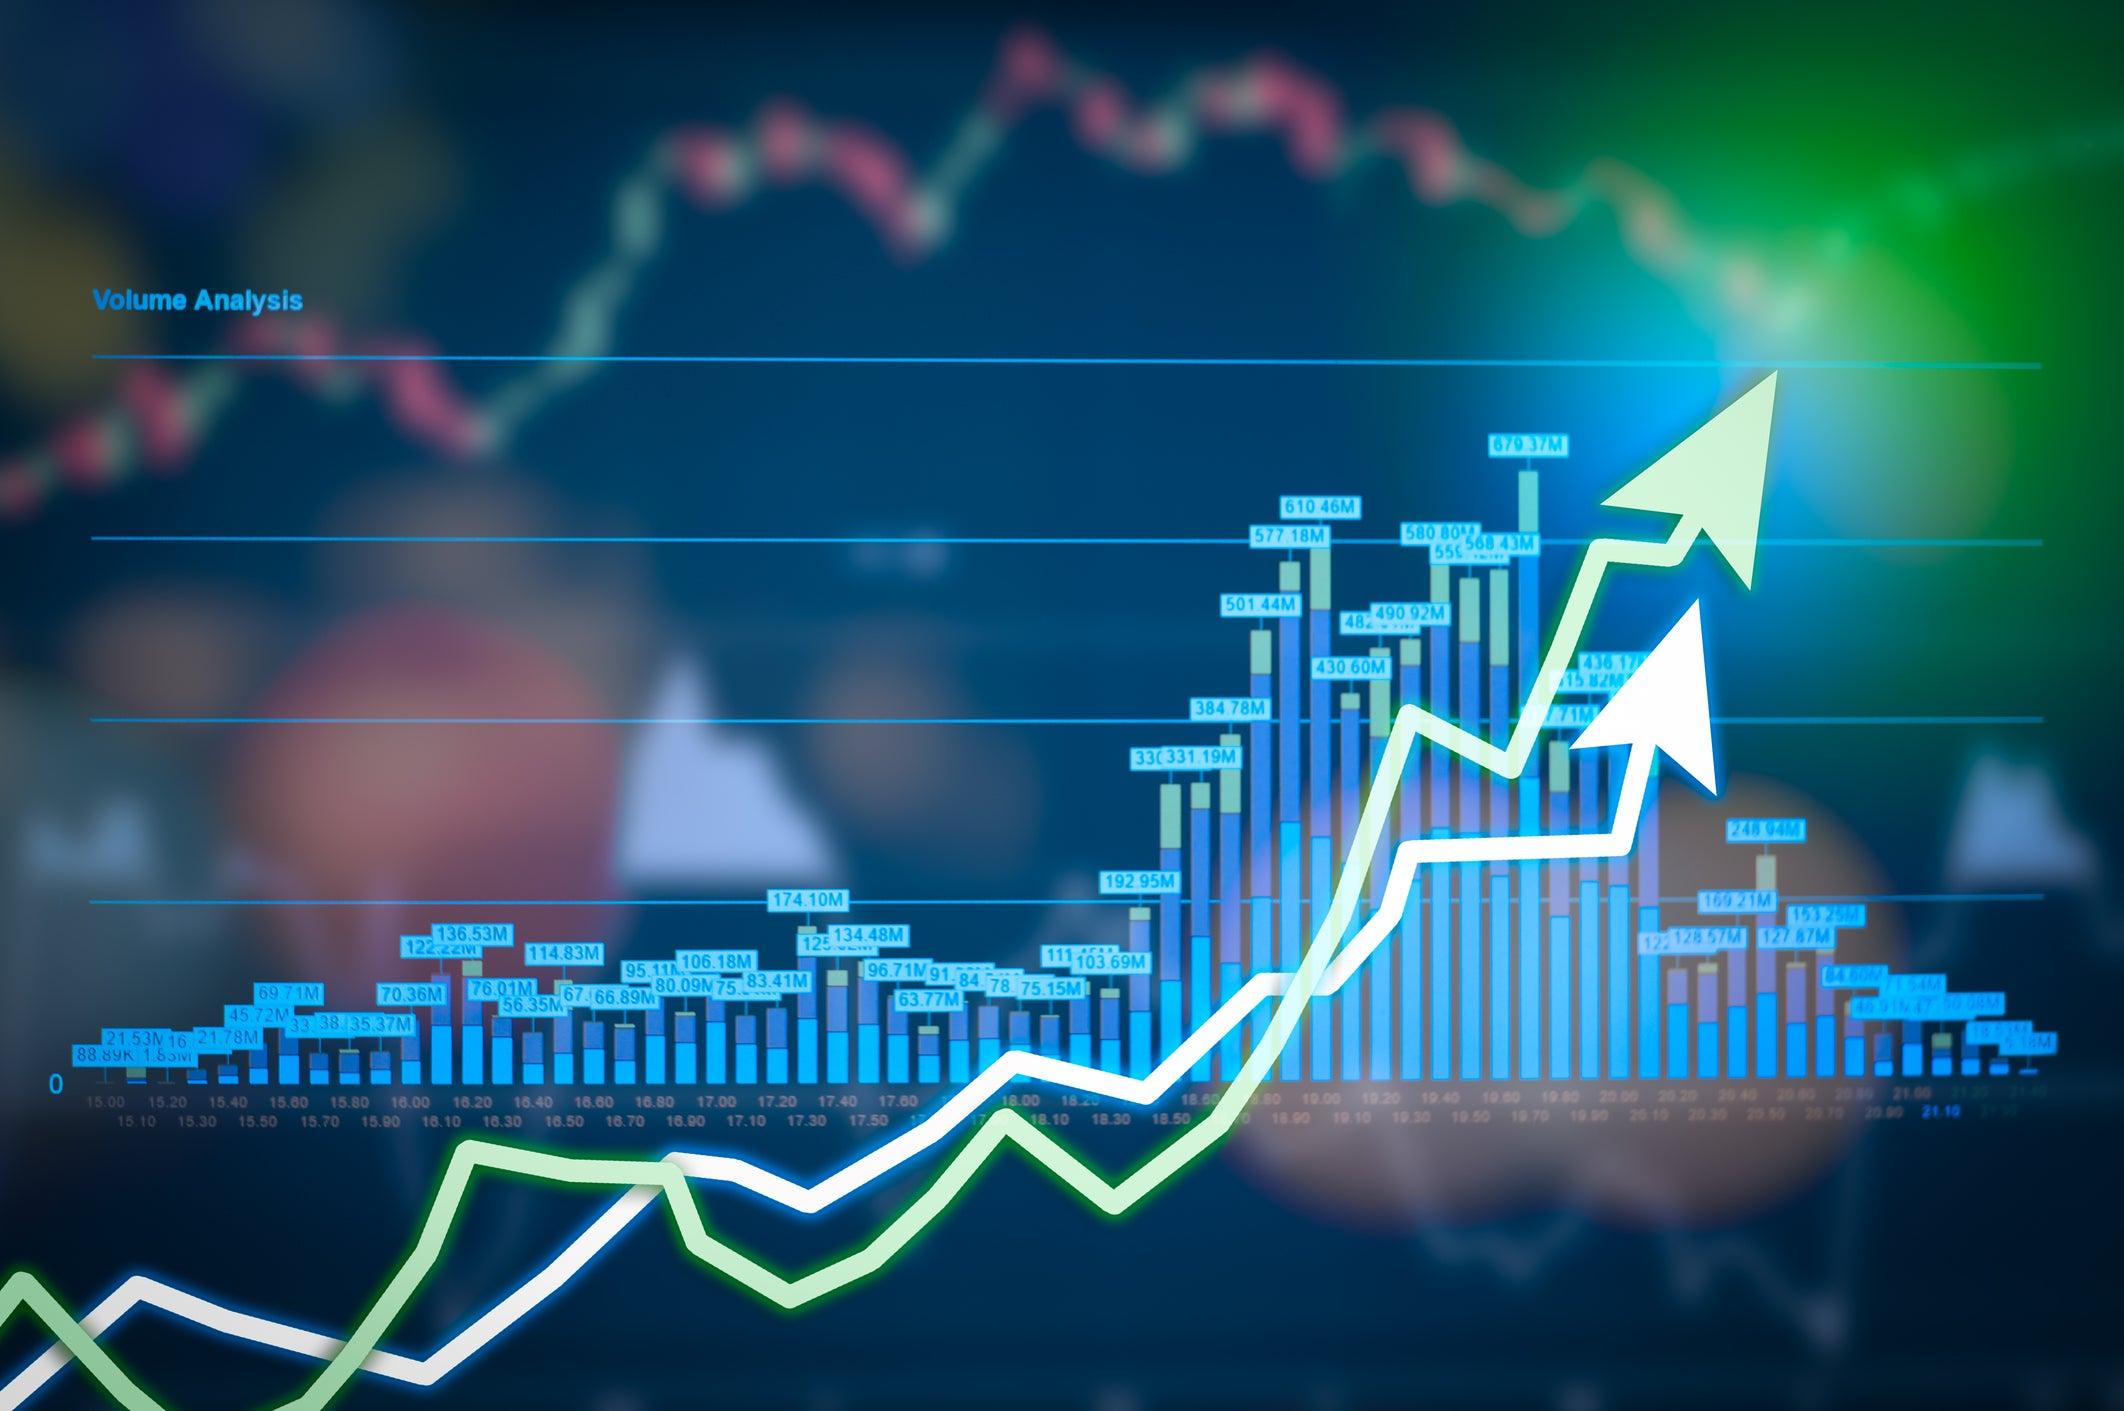 تعريف وأمثلة عن Floating Stock الأسهم العائمة